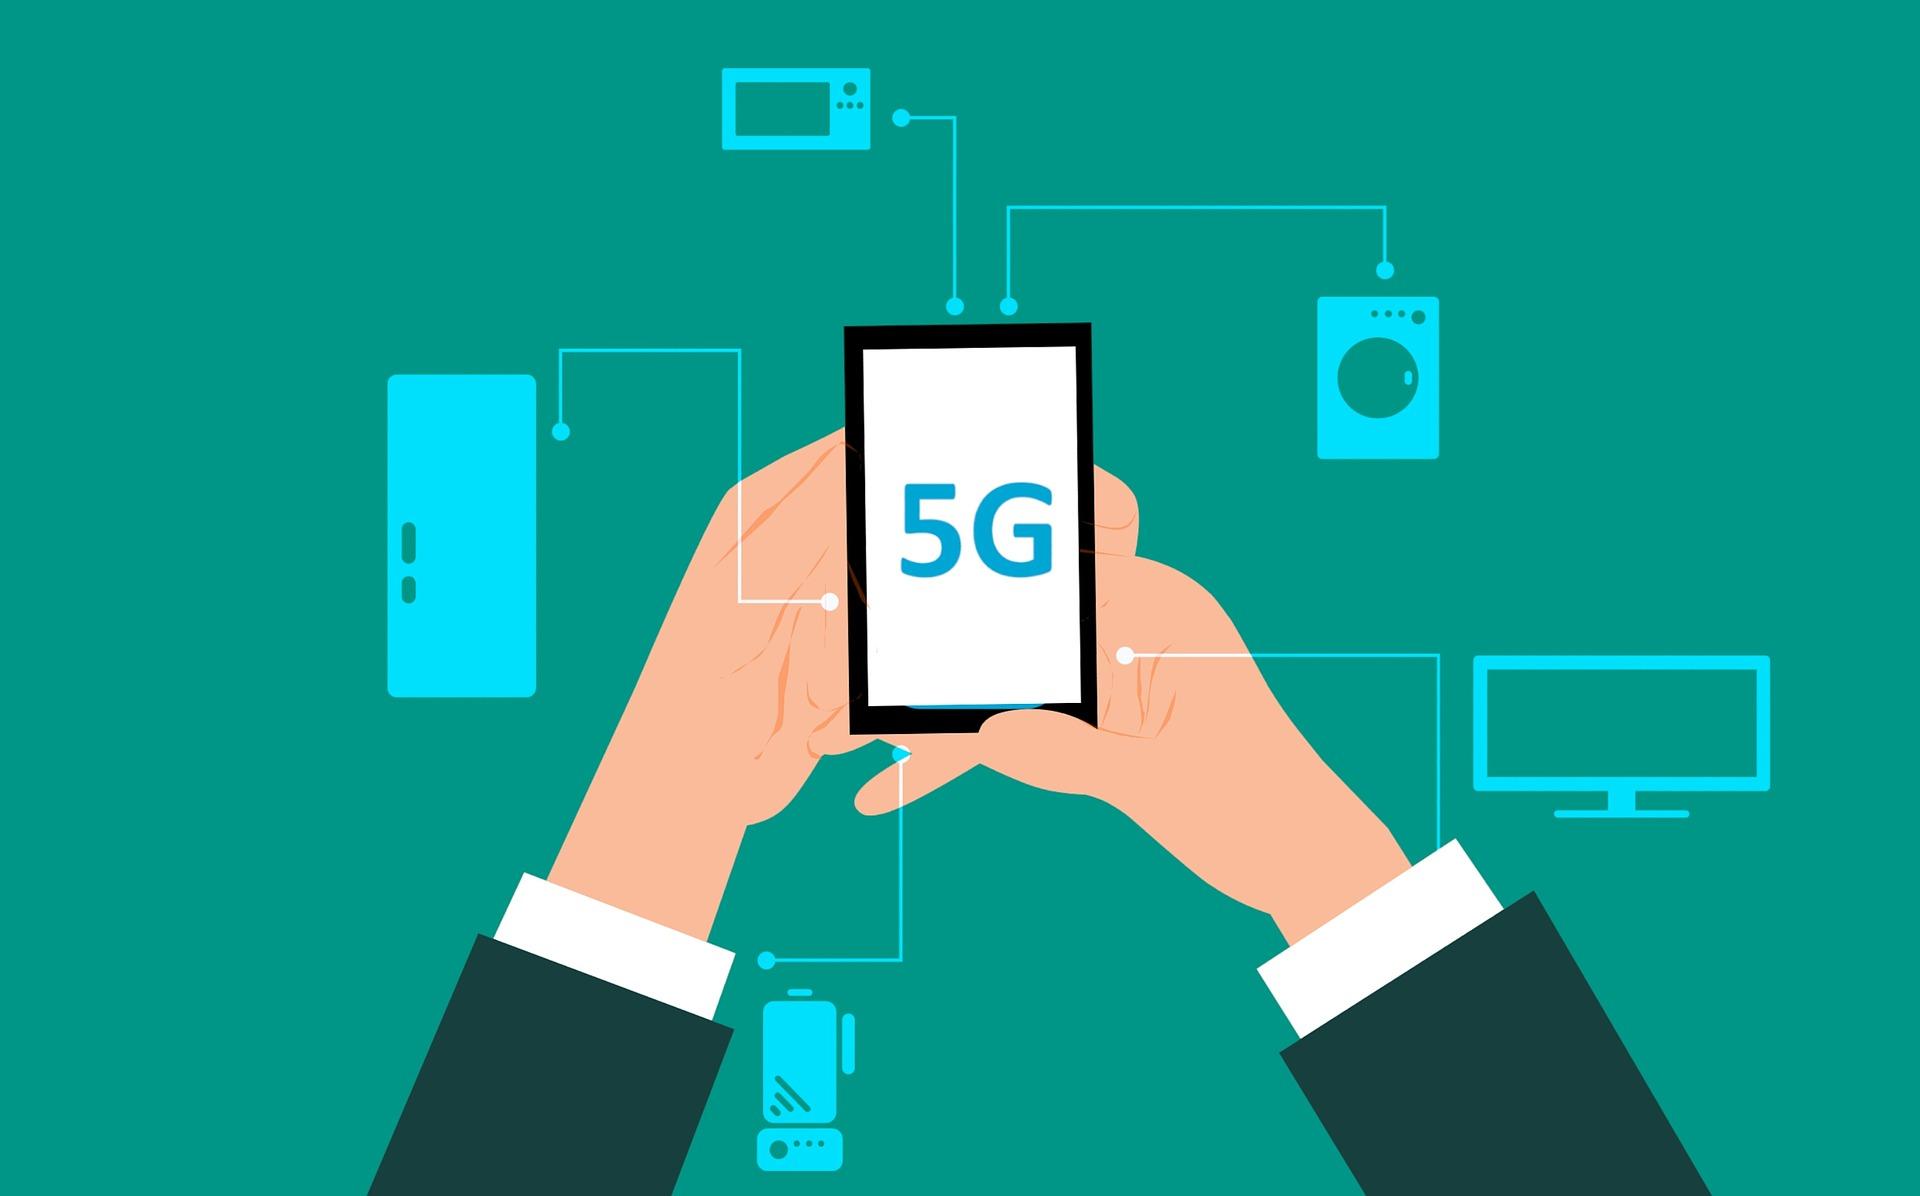 Nowa szybsza technologia transmisyjna 5G i część Europy się jej boi, dlaczego?